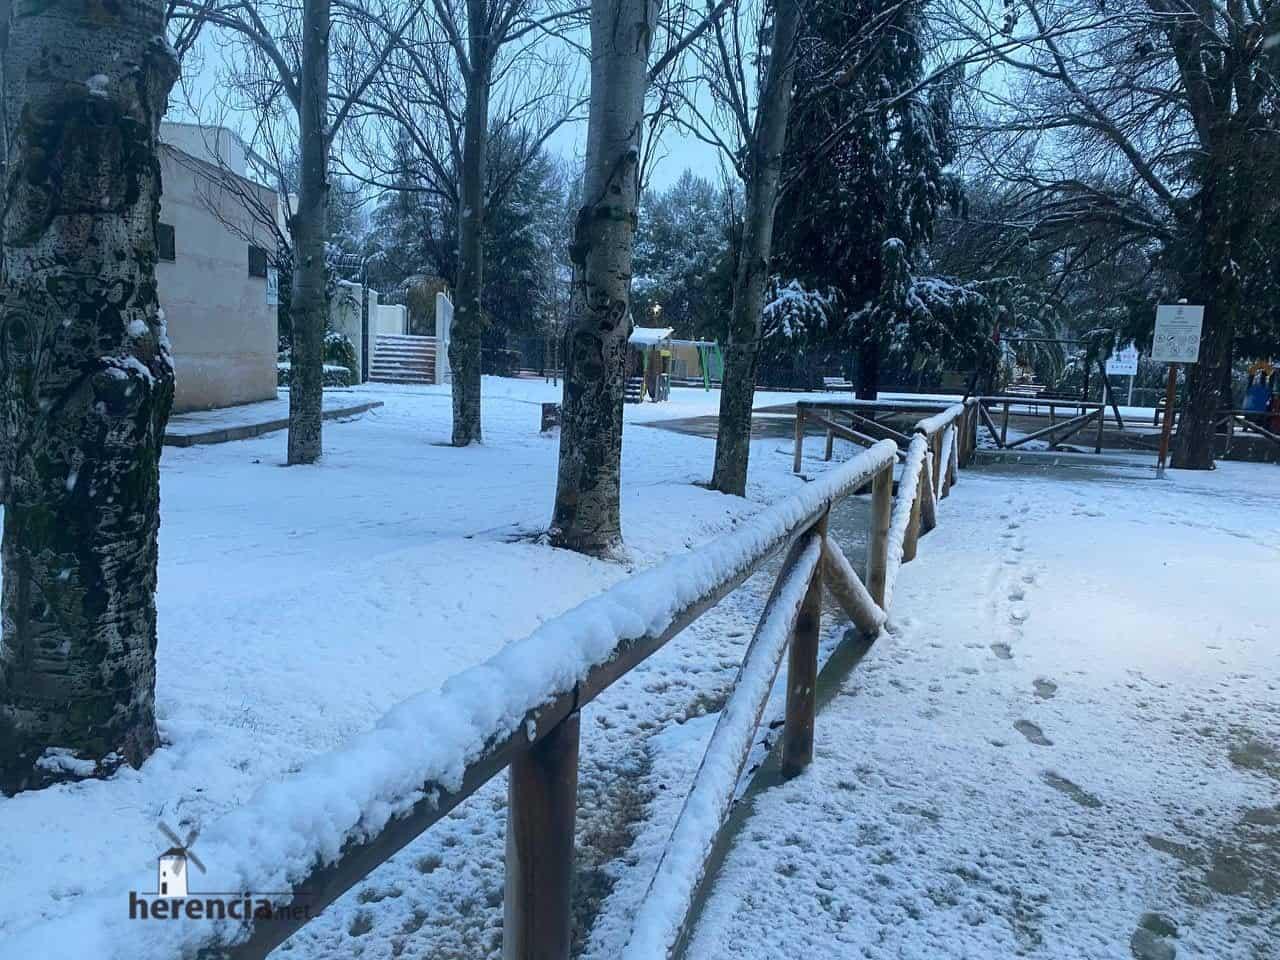 Fotografías de la nevada en Herencia (Ciudad Real) 56